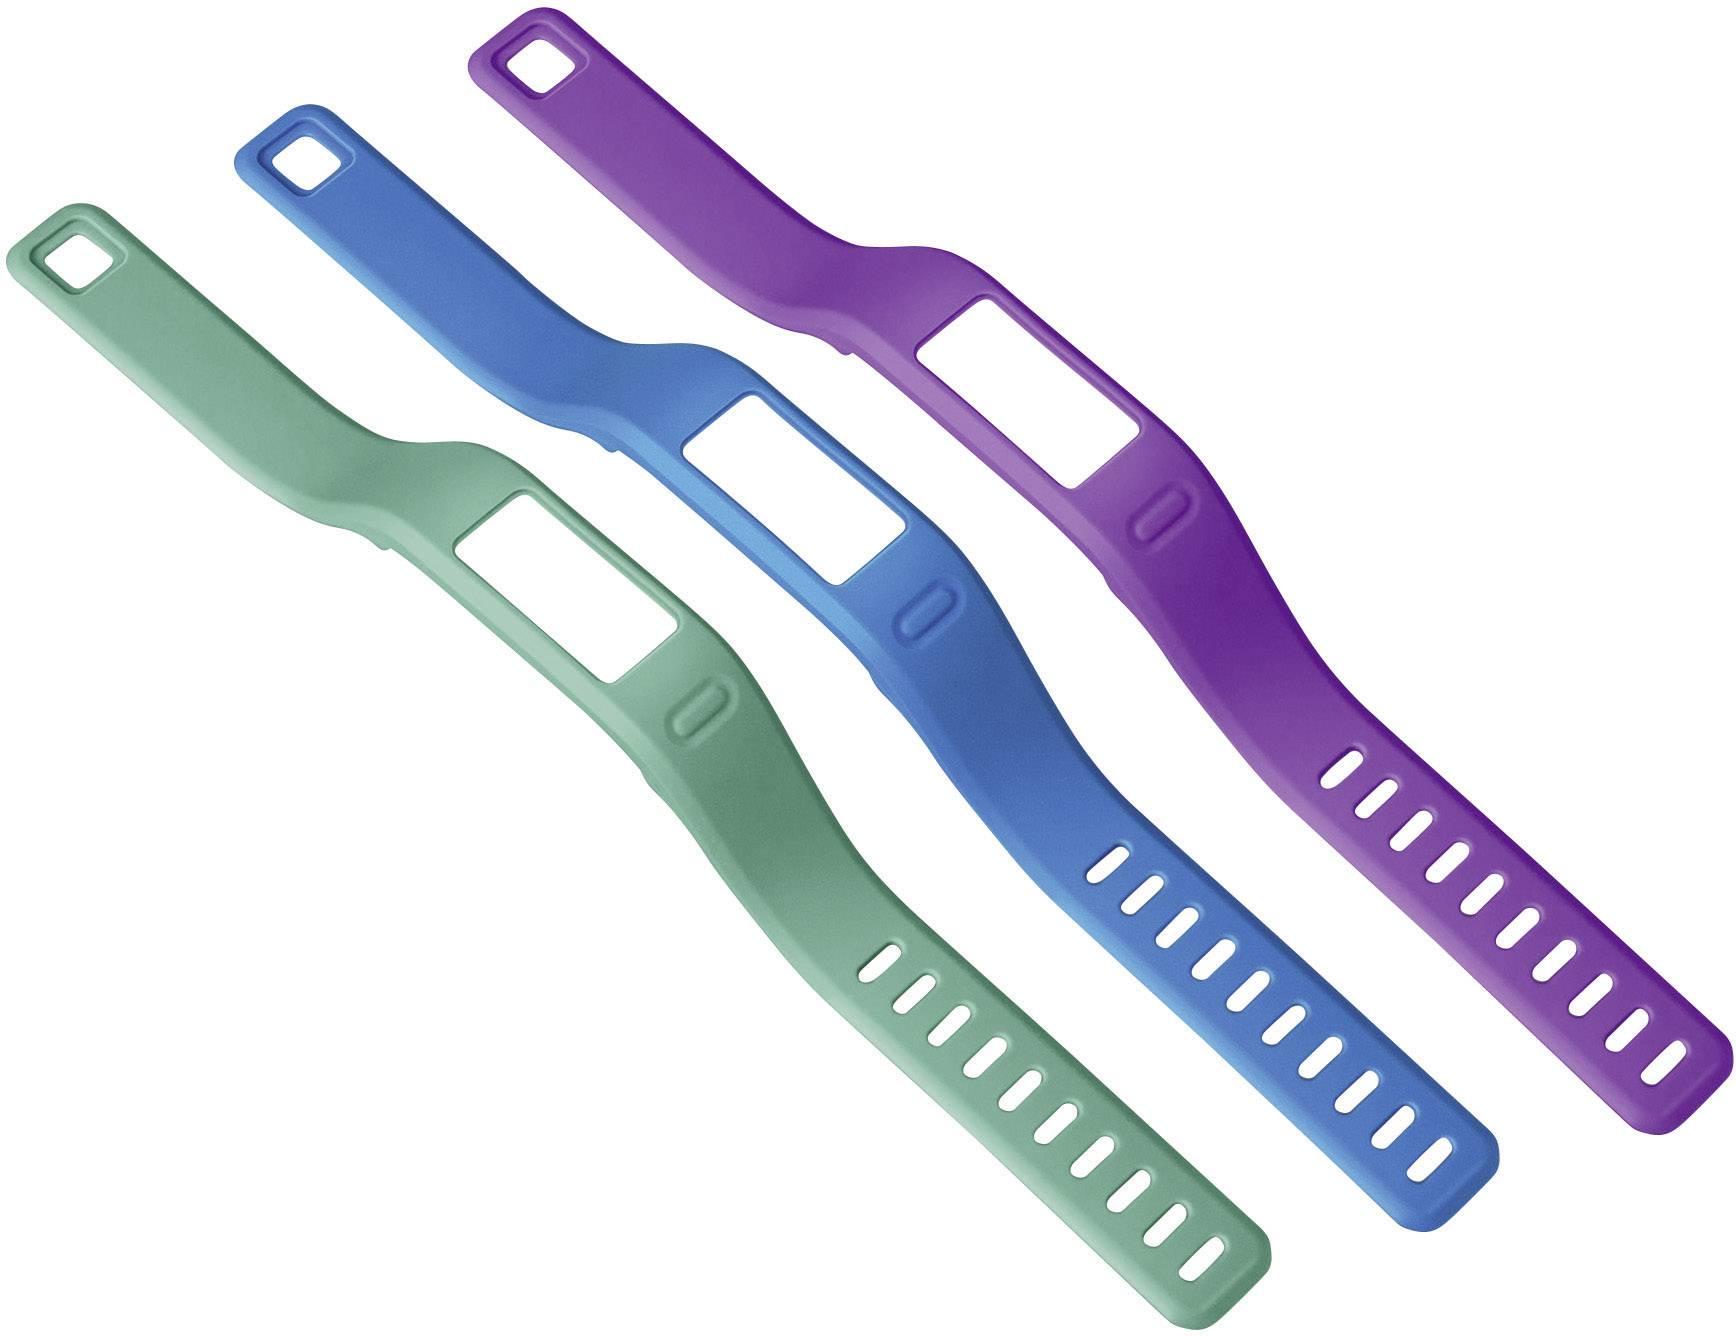 Náhradní řemínek Garmin 010-12149-00, velikost = L, zelená, fialová, modrá, 3 ks